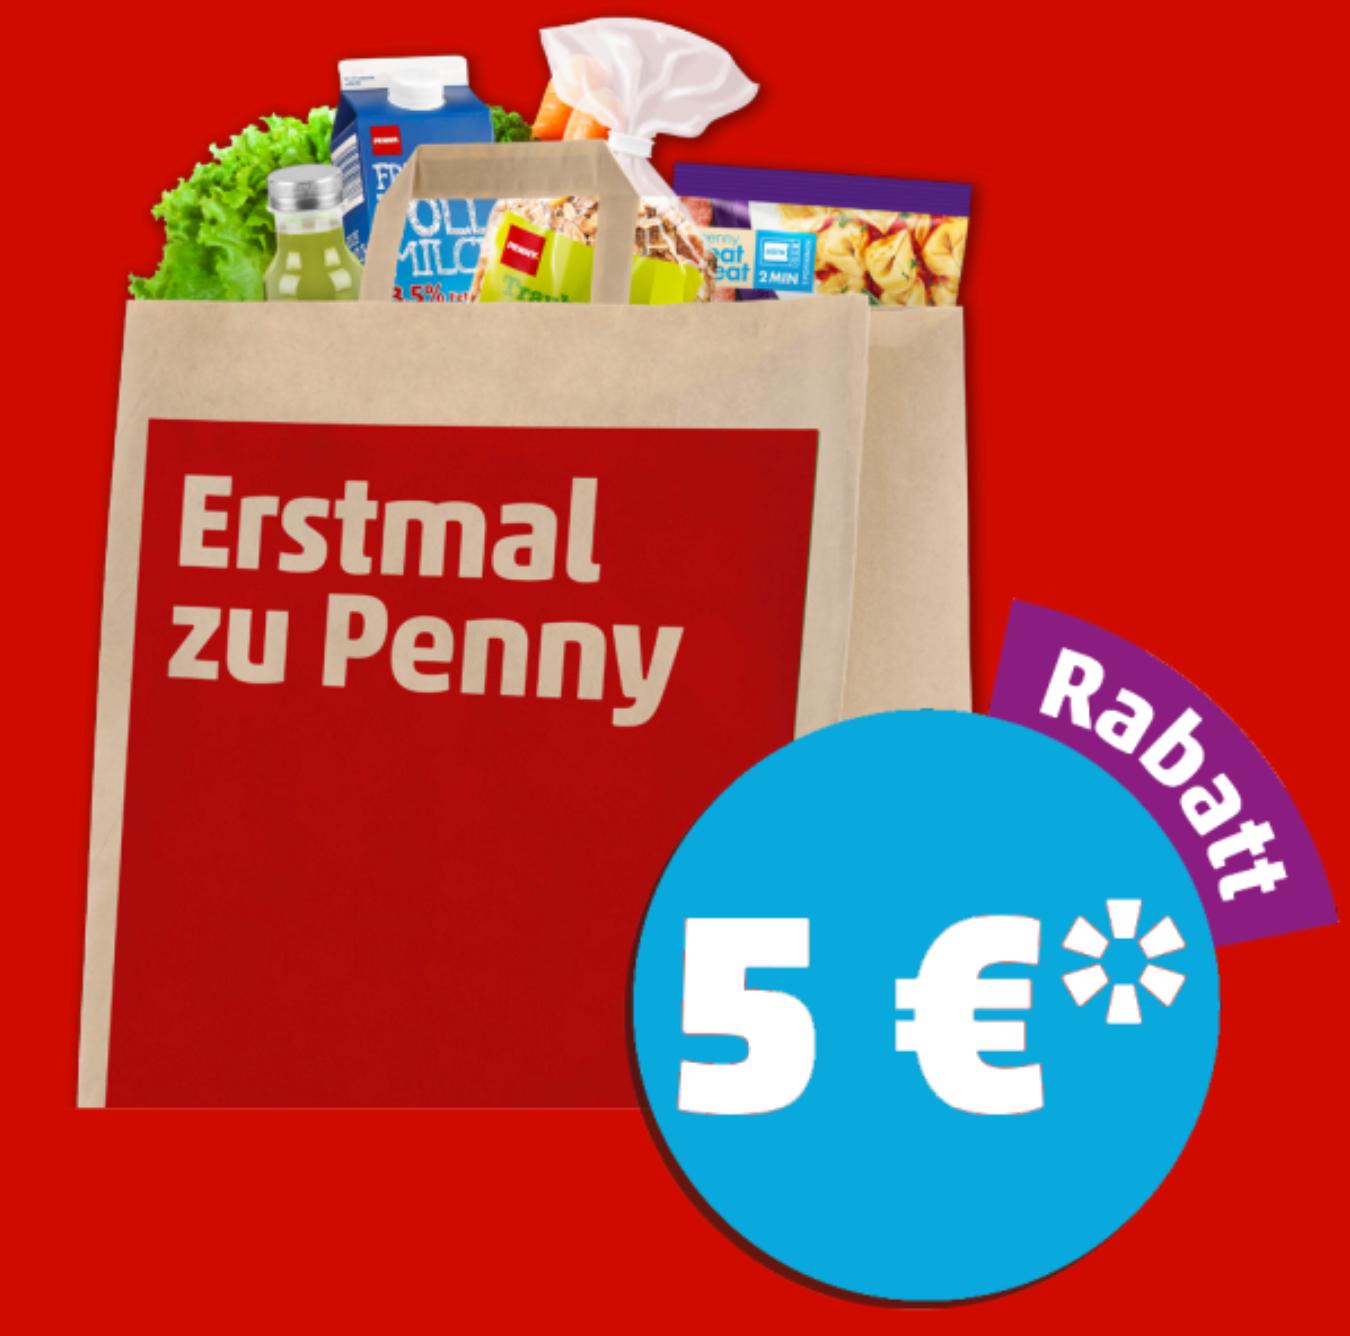 [Penny] 5€ Rabatt ab 40€ Einkauf am 16.03.2018